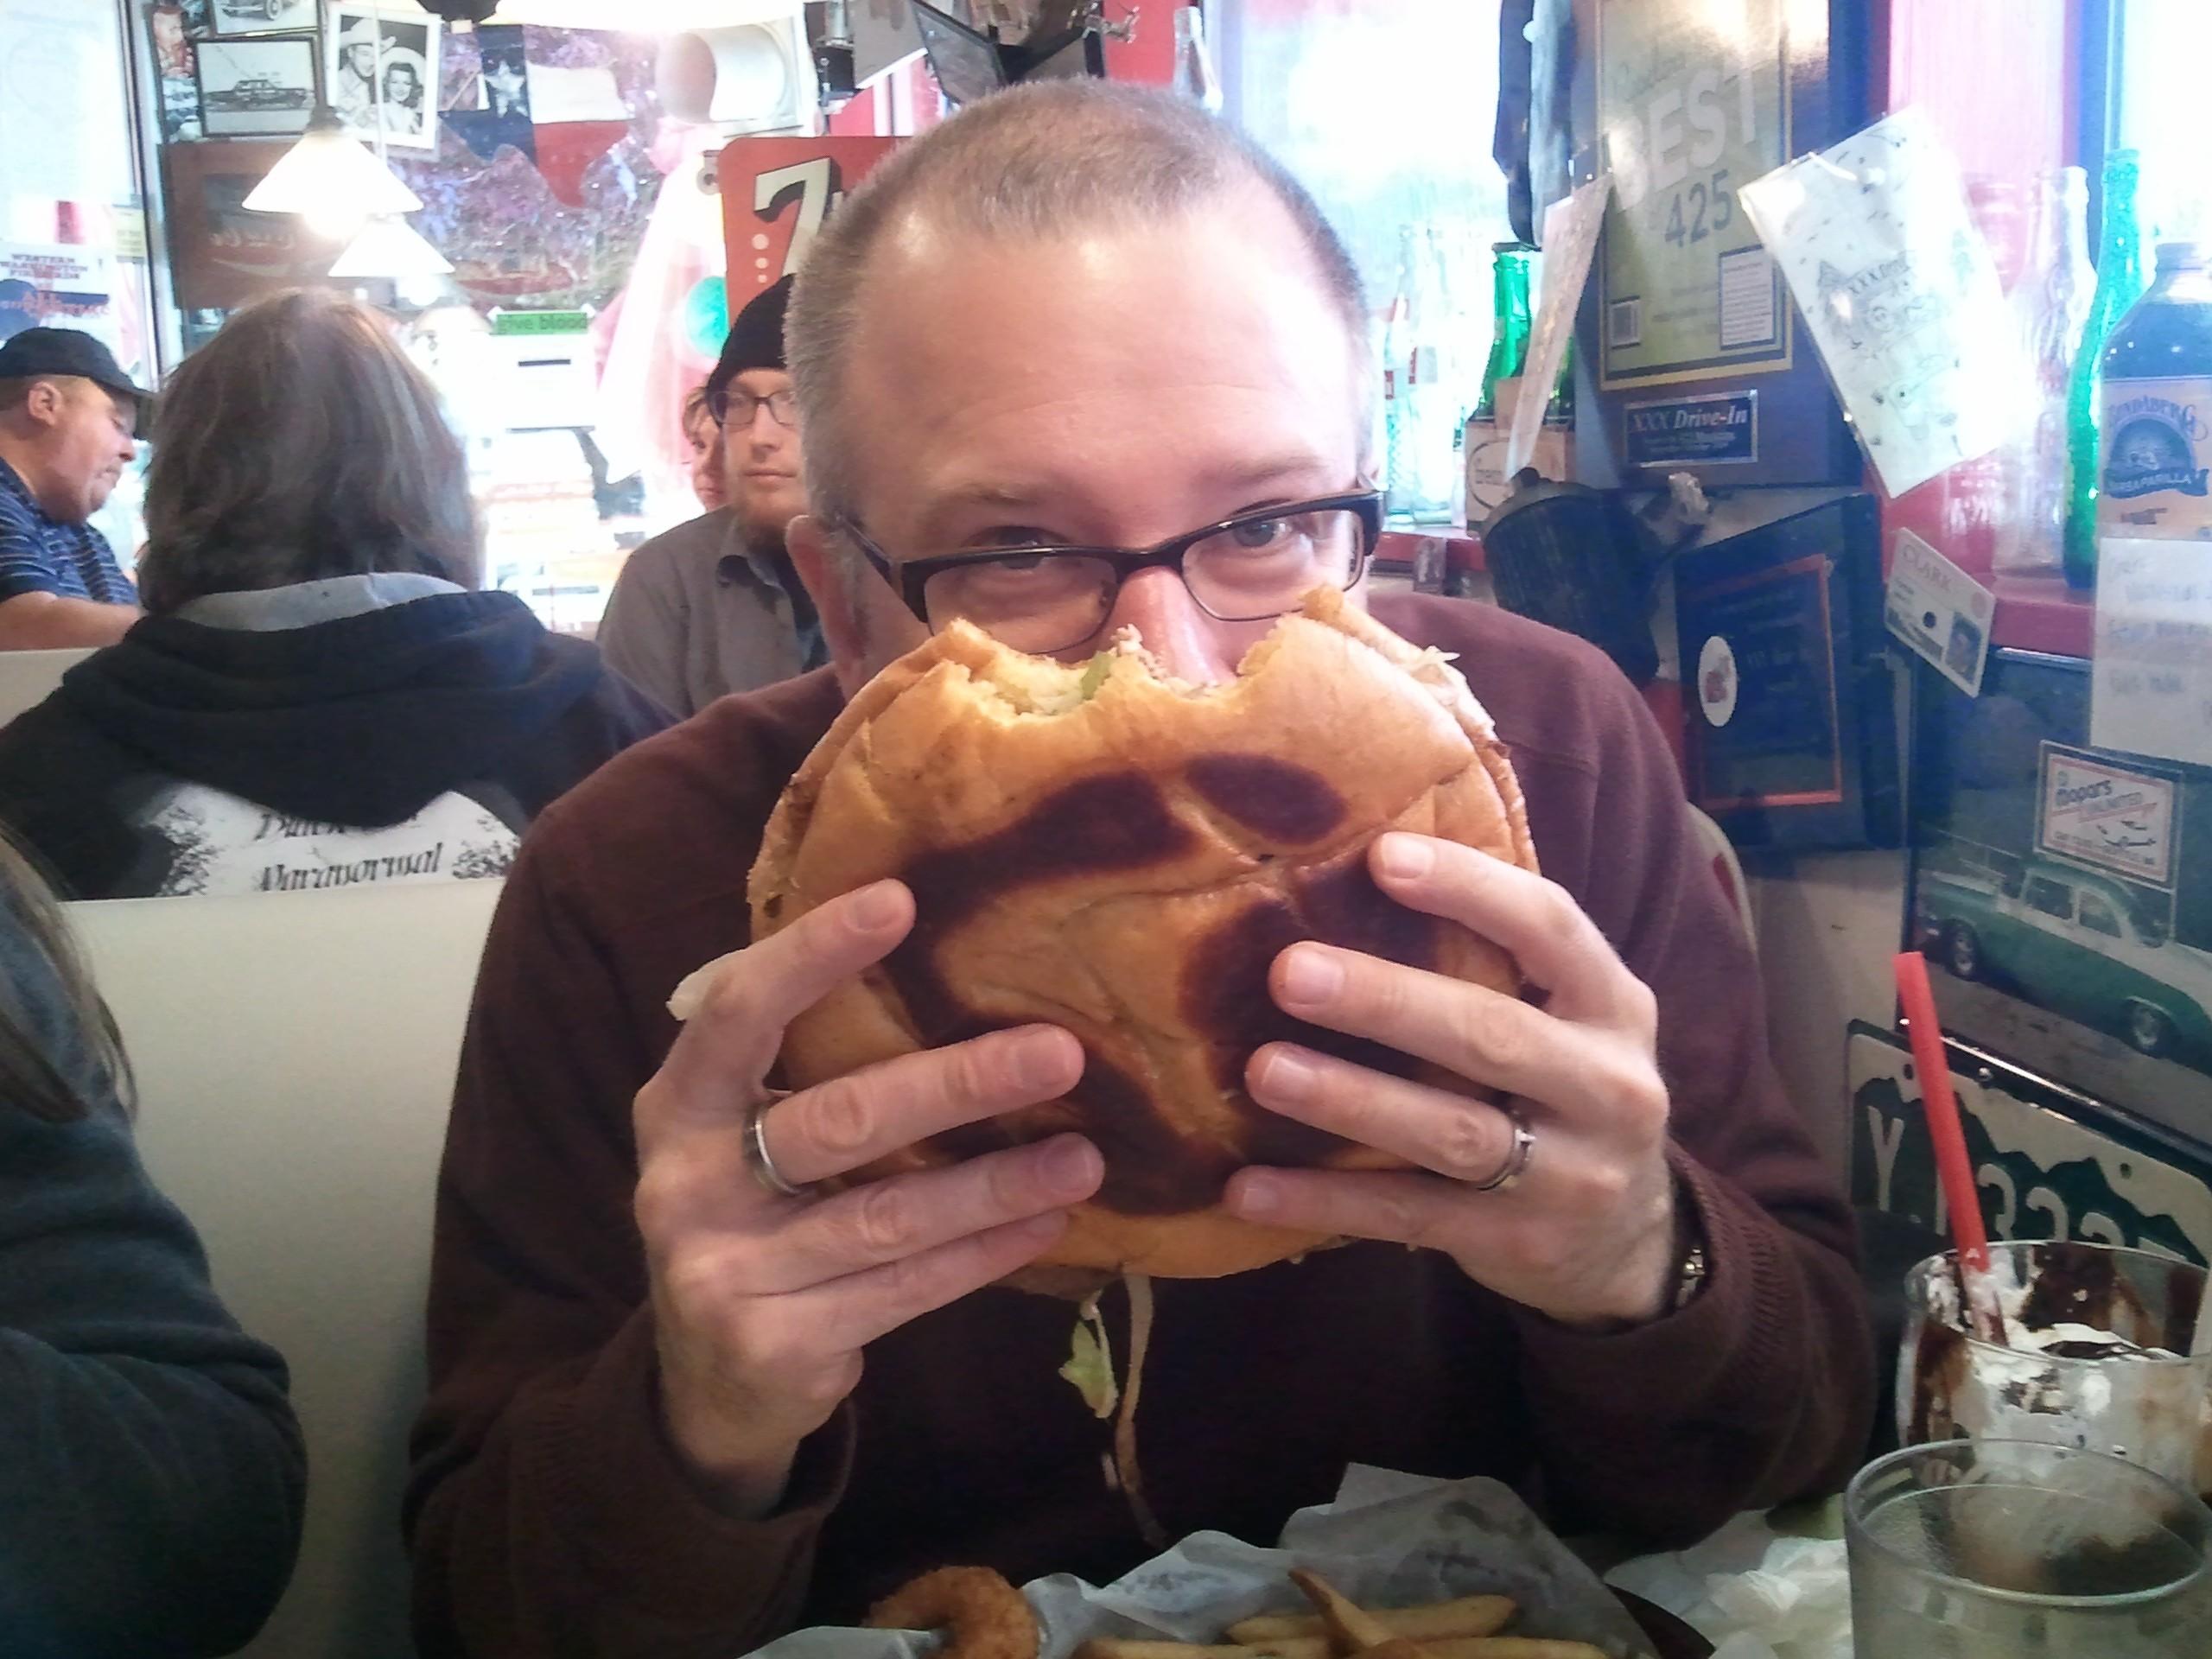 Massive XXX burger